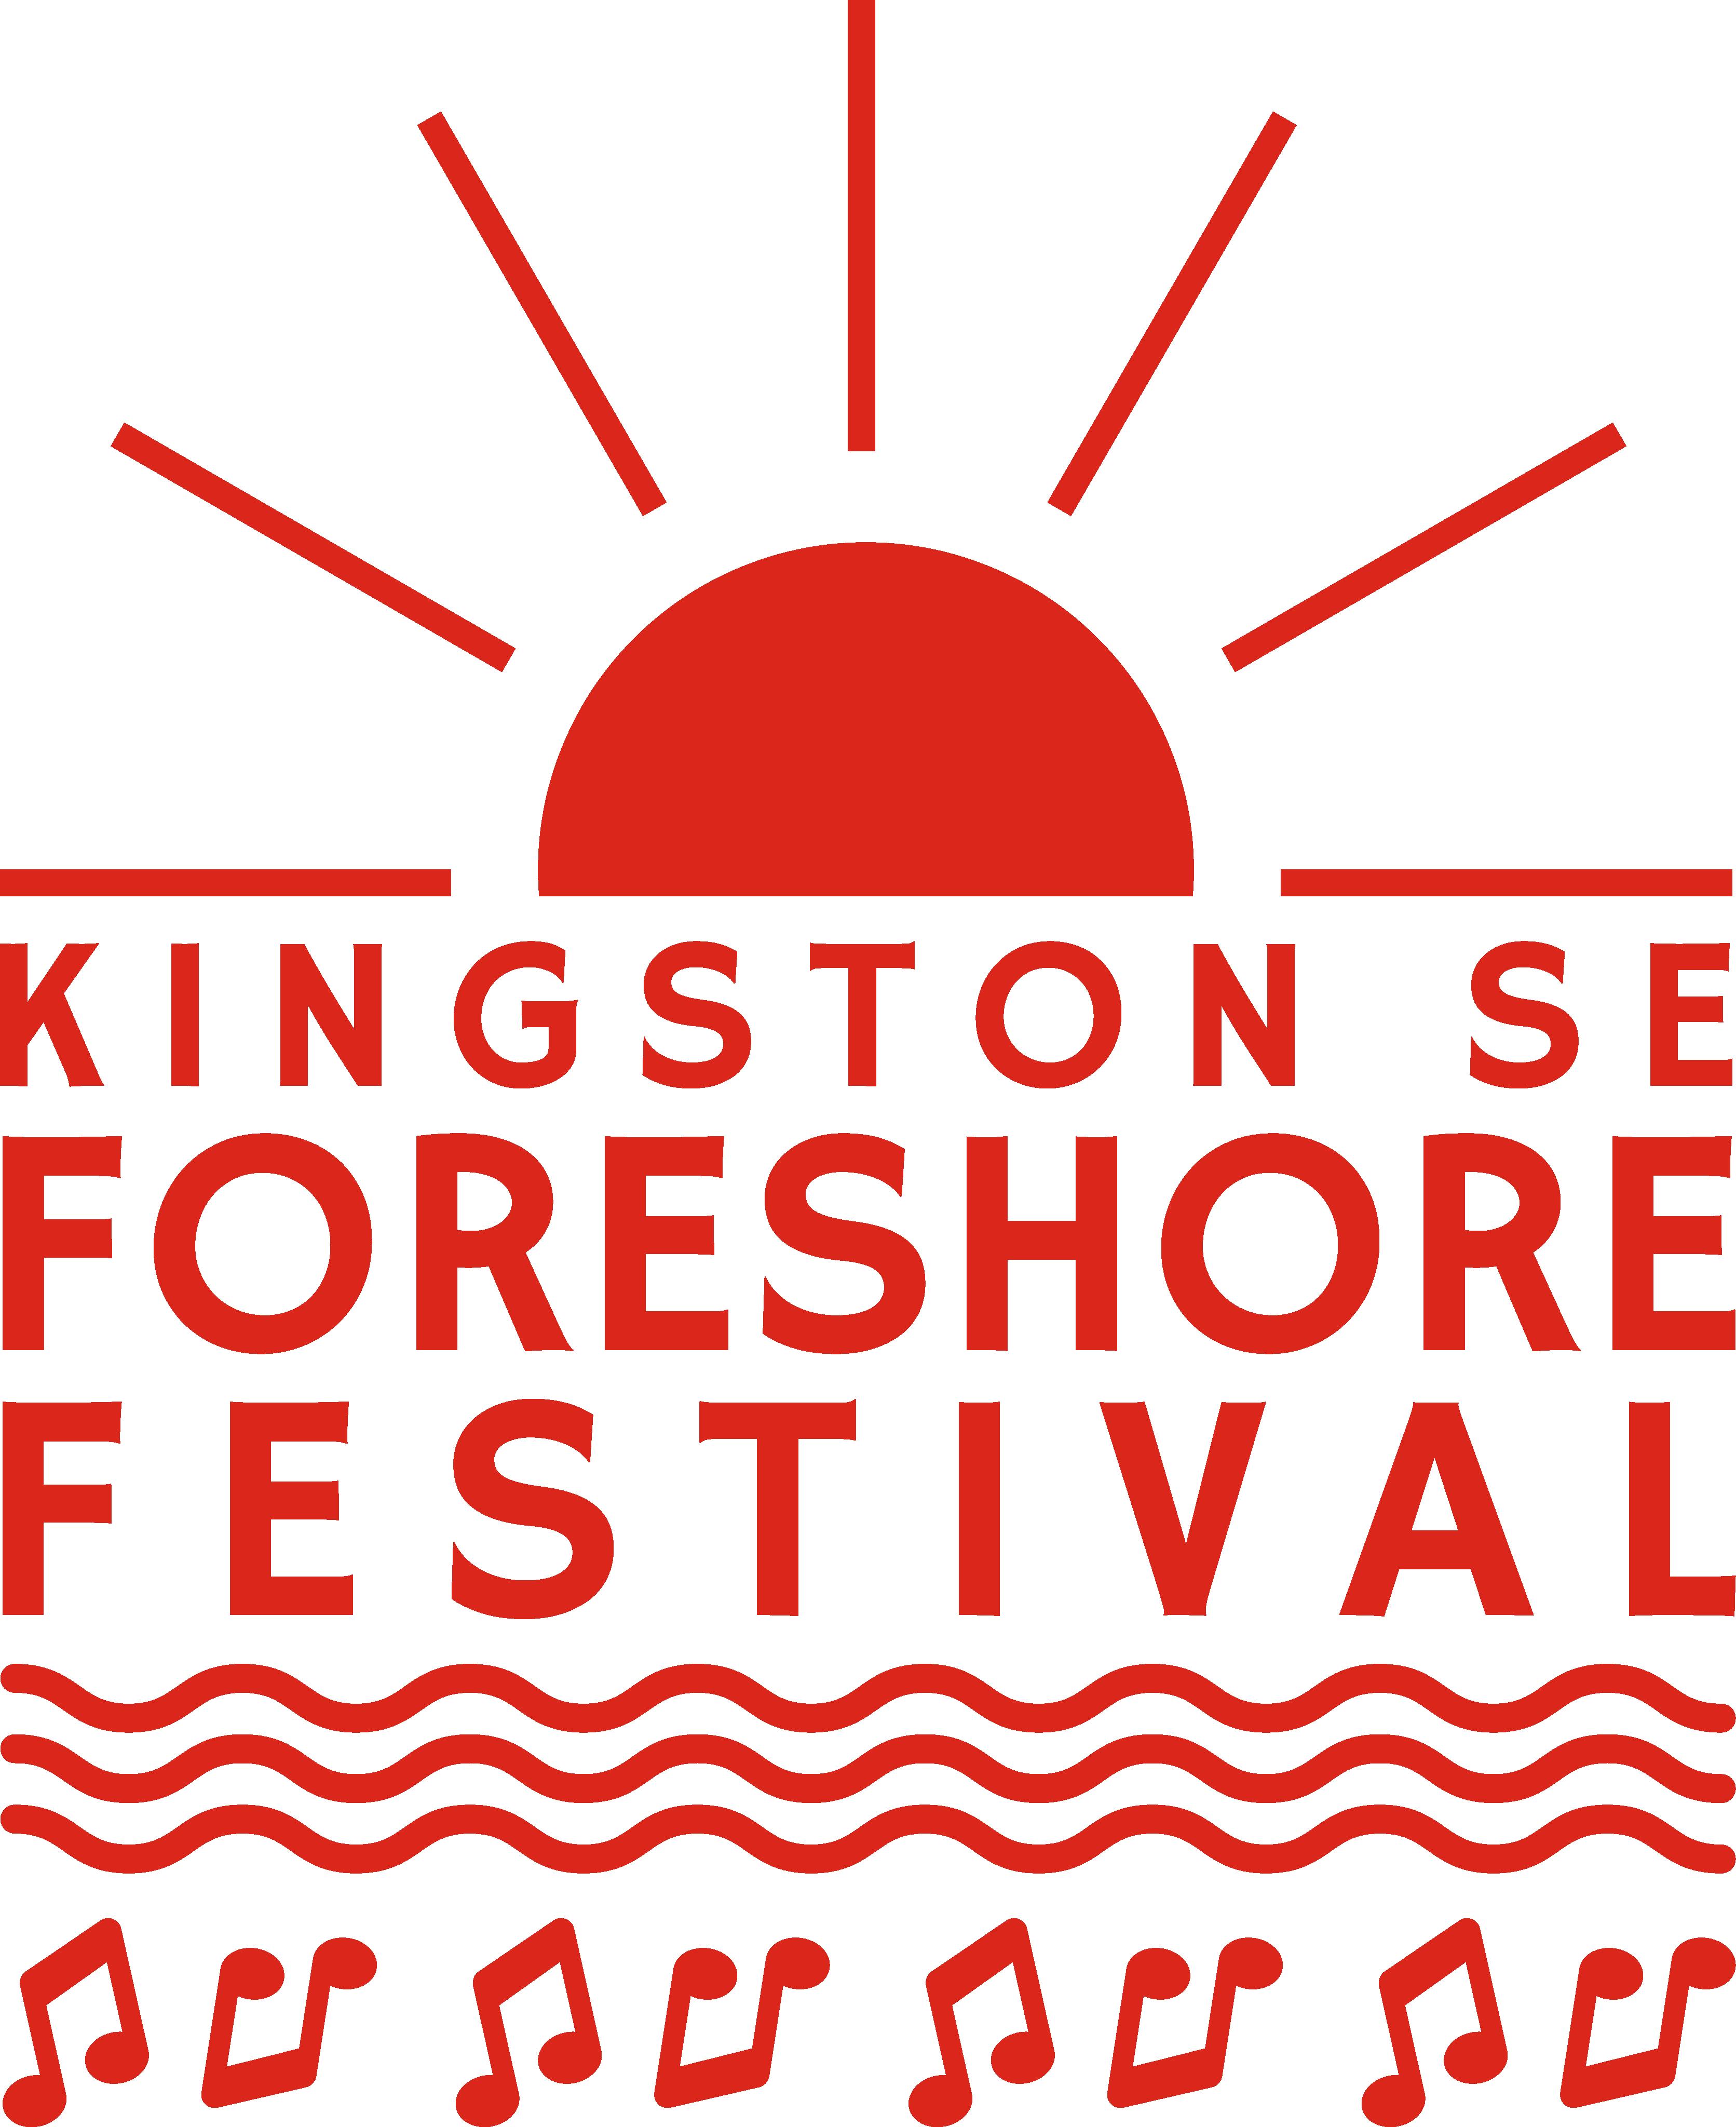 Kingston SE Foreshore Festival Logo_Red_